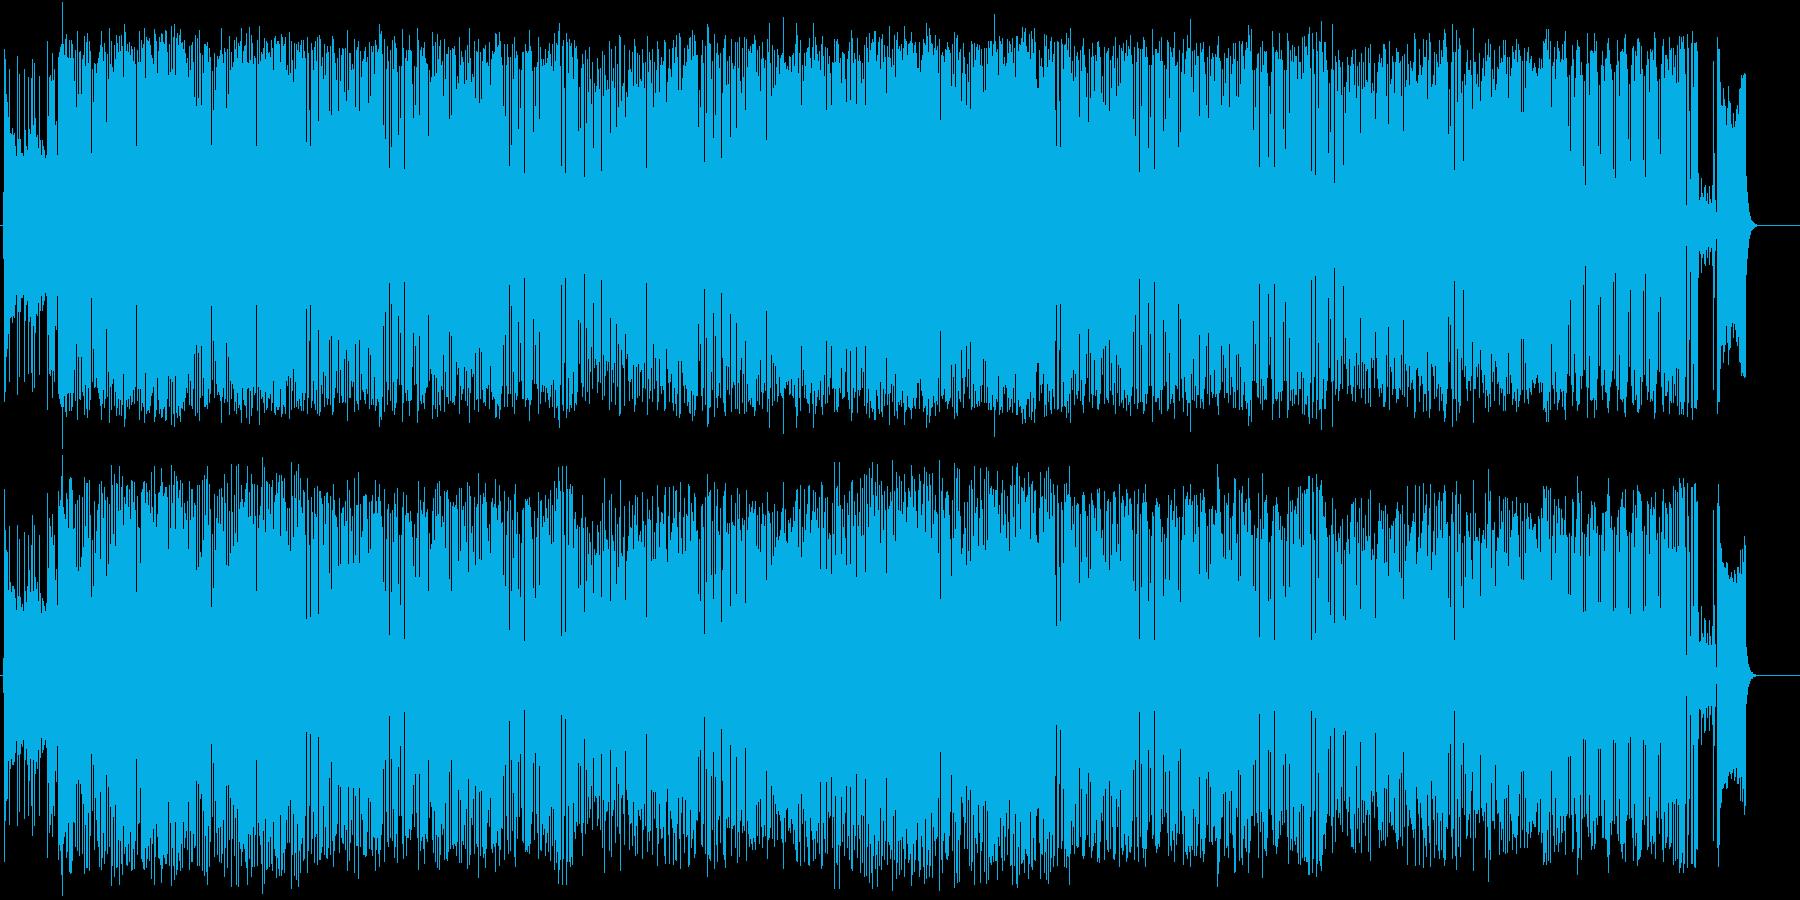 ファンク 都会 流行 躍動 あやしいの再生済みの波形